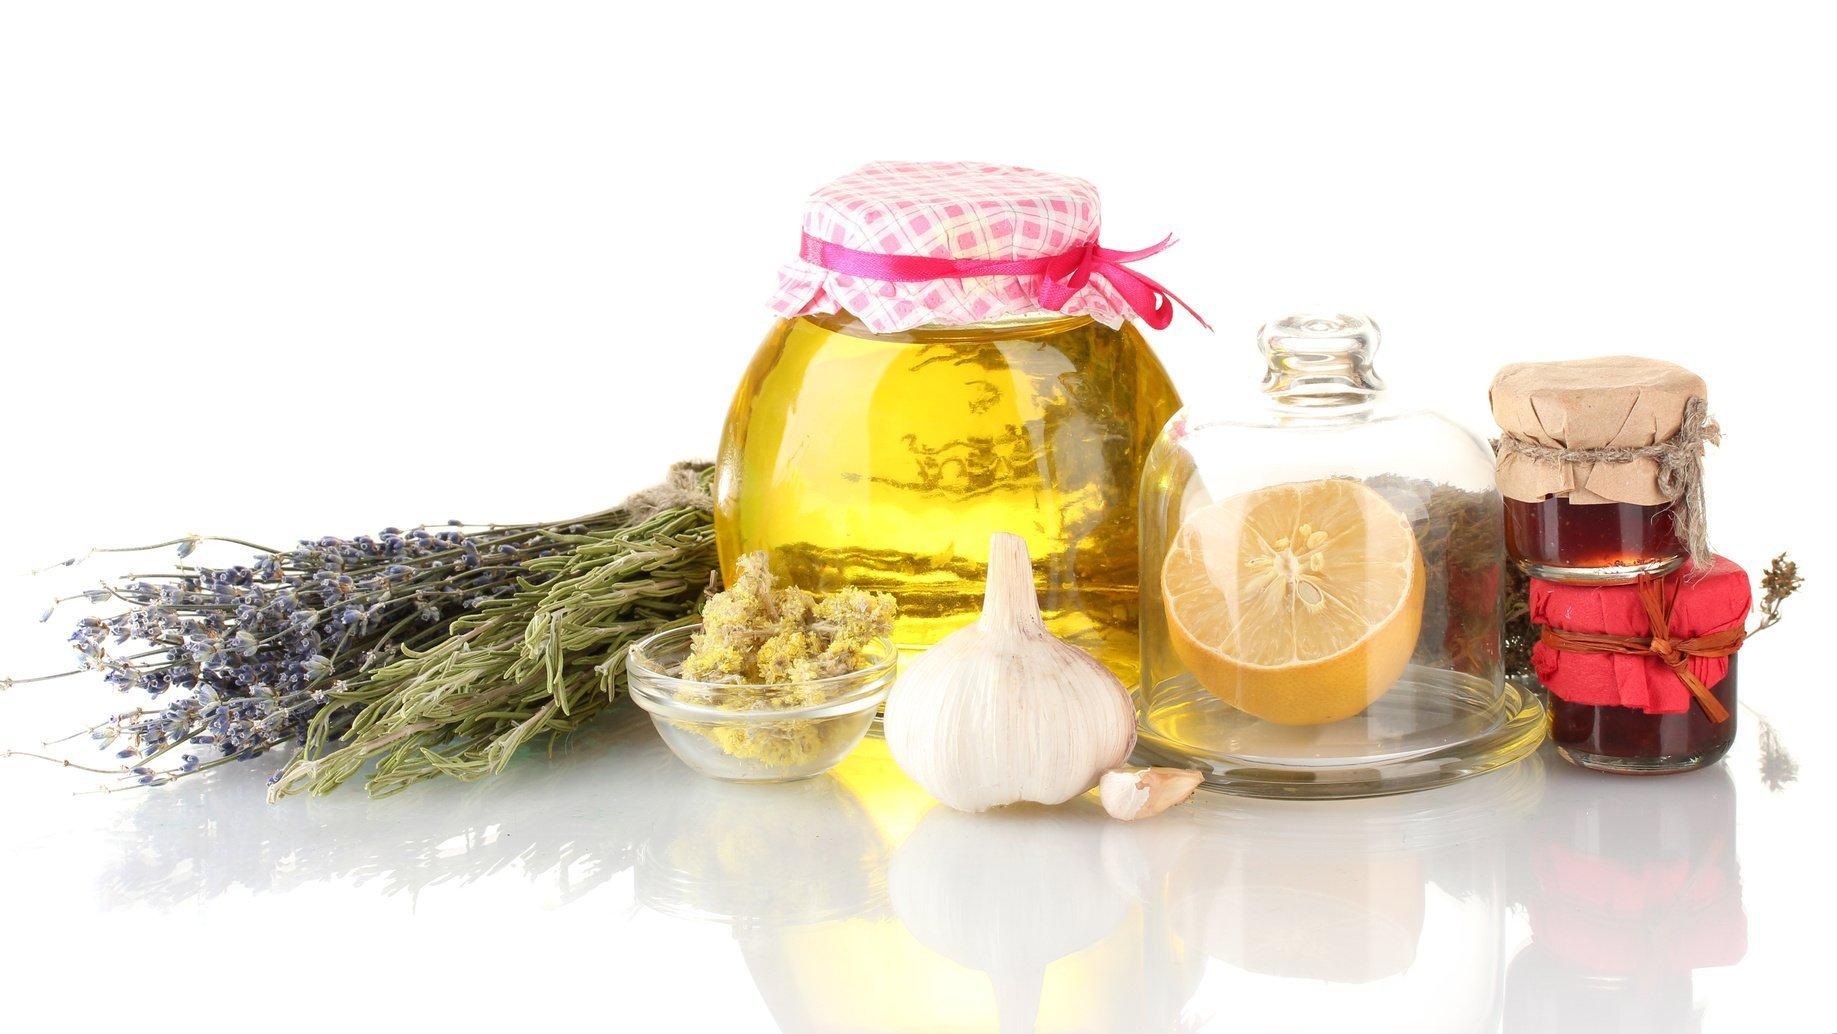 Как вылечить бронхит или лекарство от бронхита